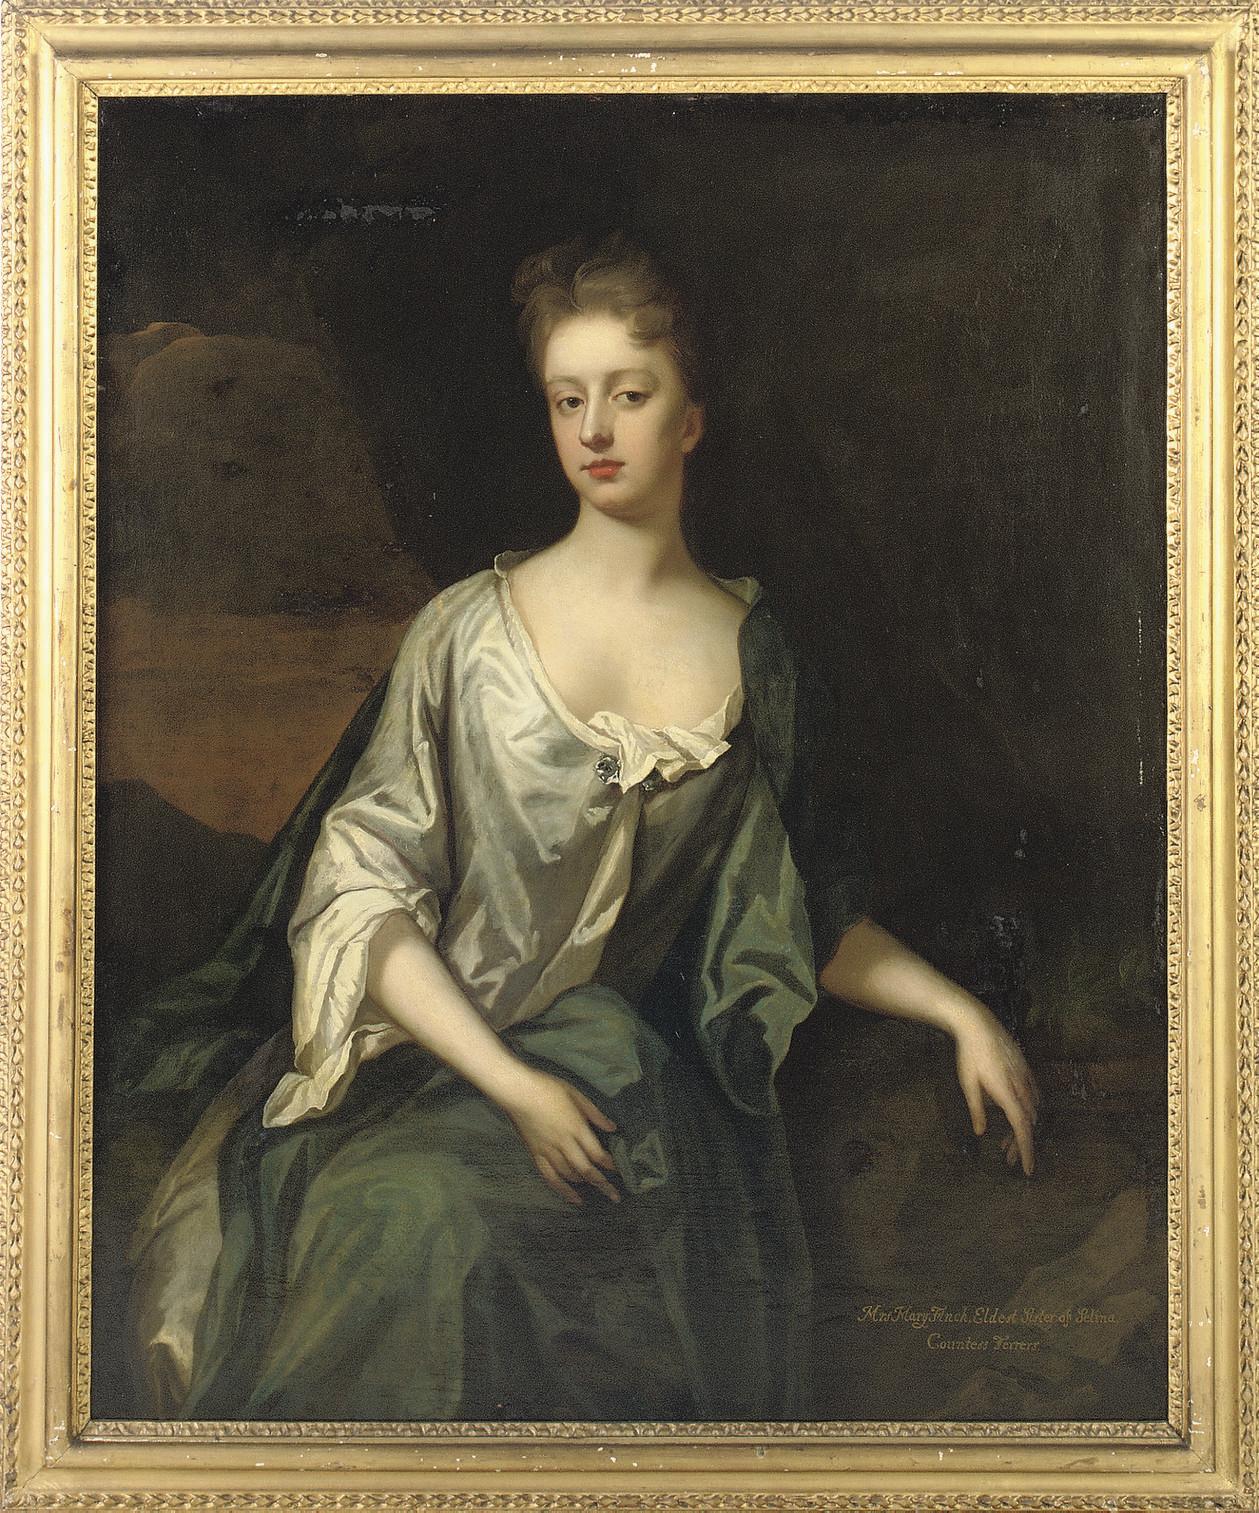 MICHAEL DAHL (STOCKHOLM C.1659-1743 LONDON)